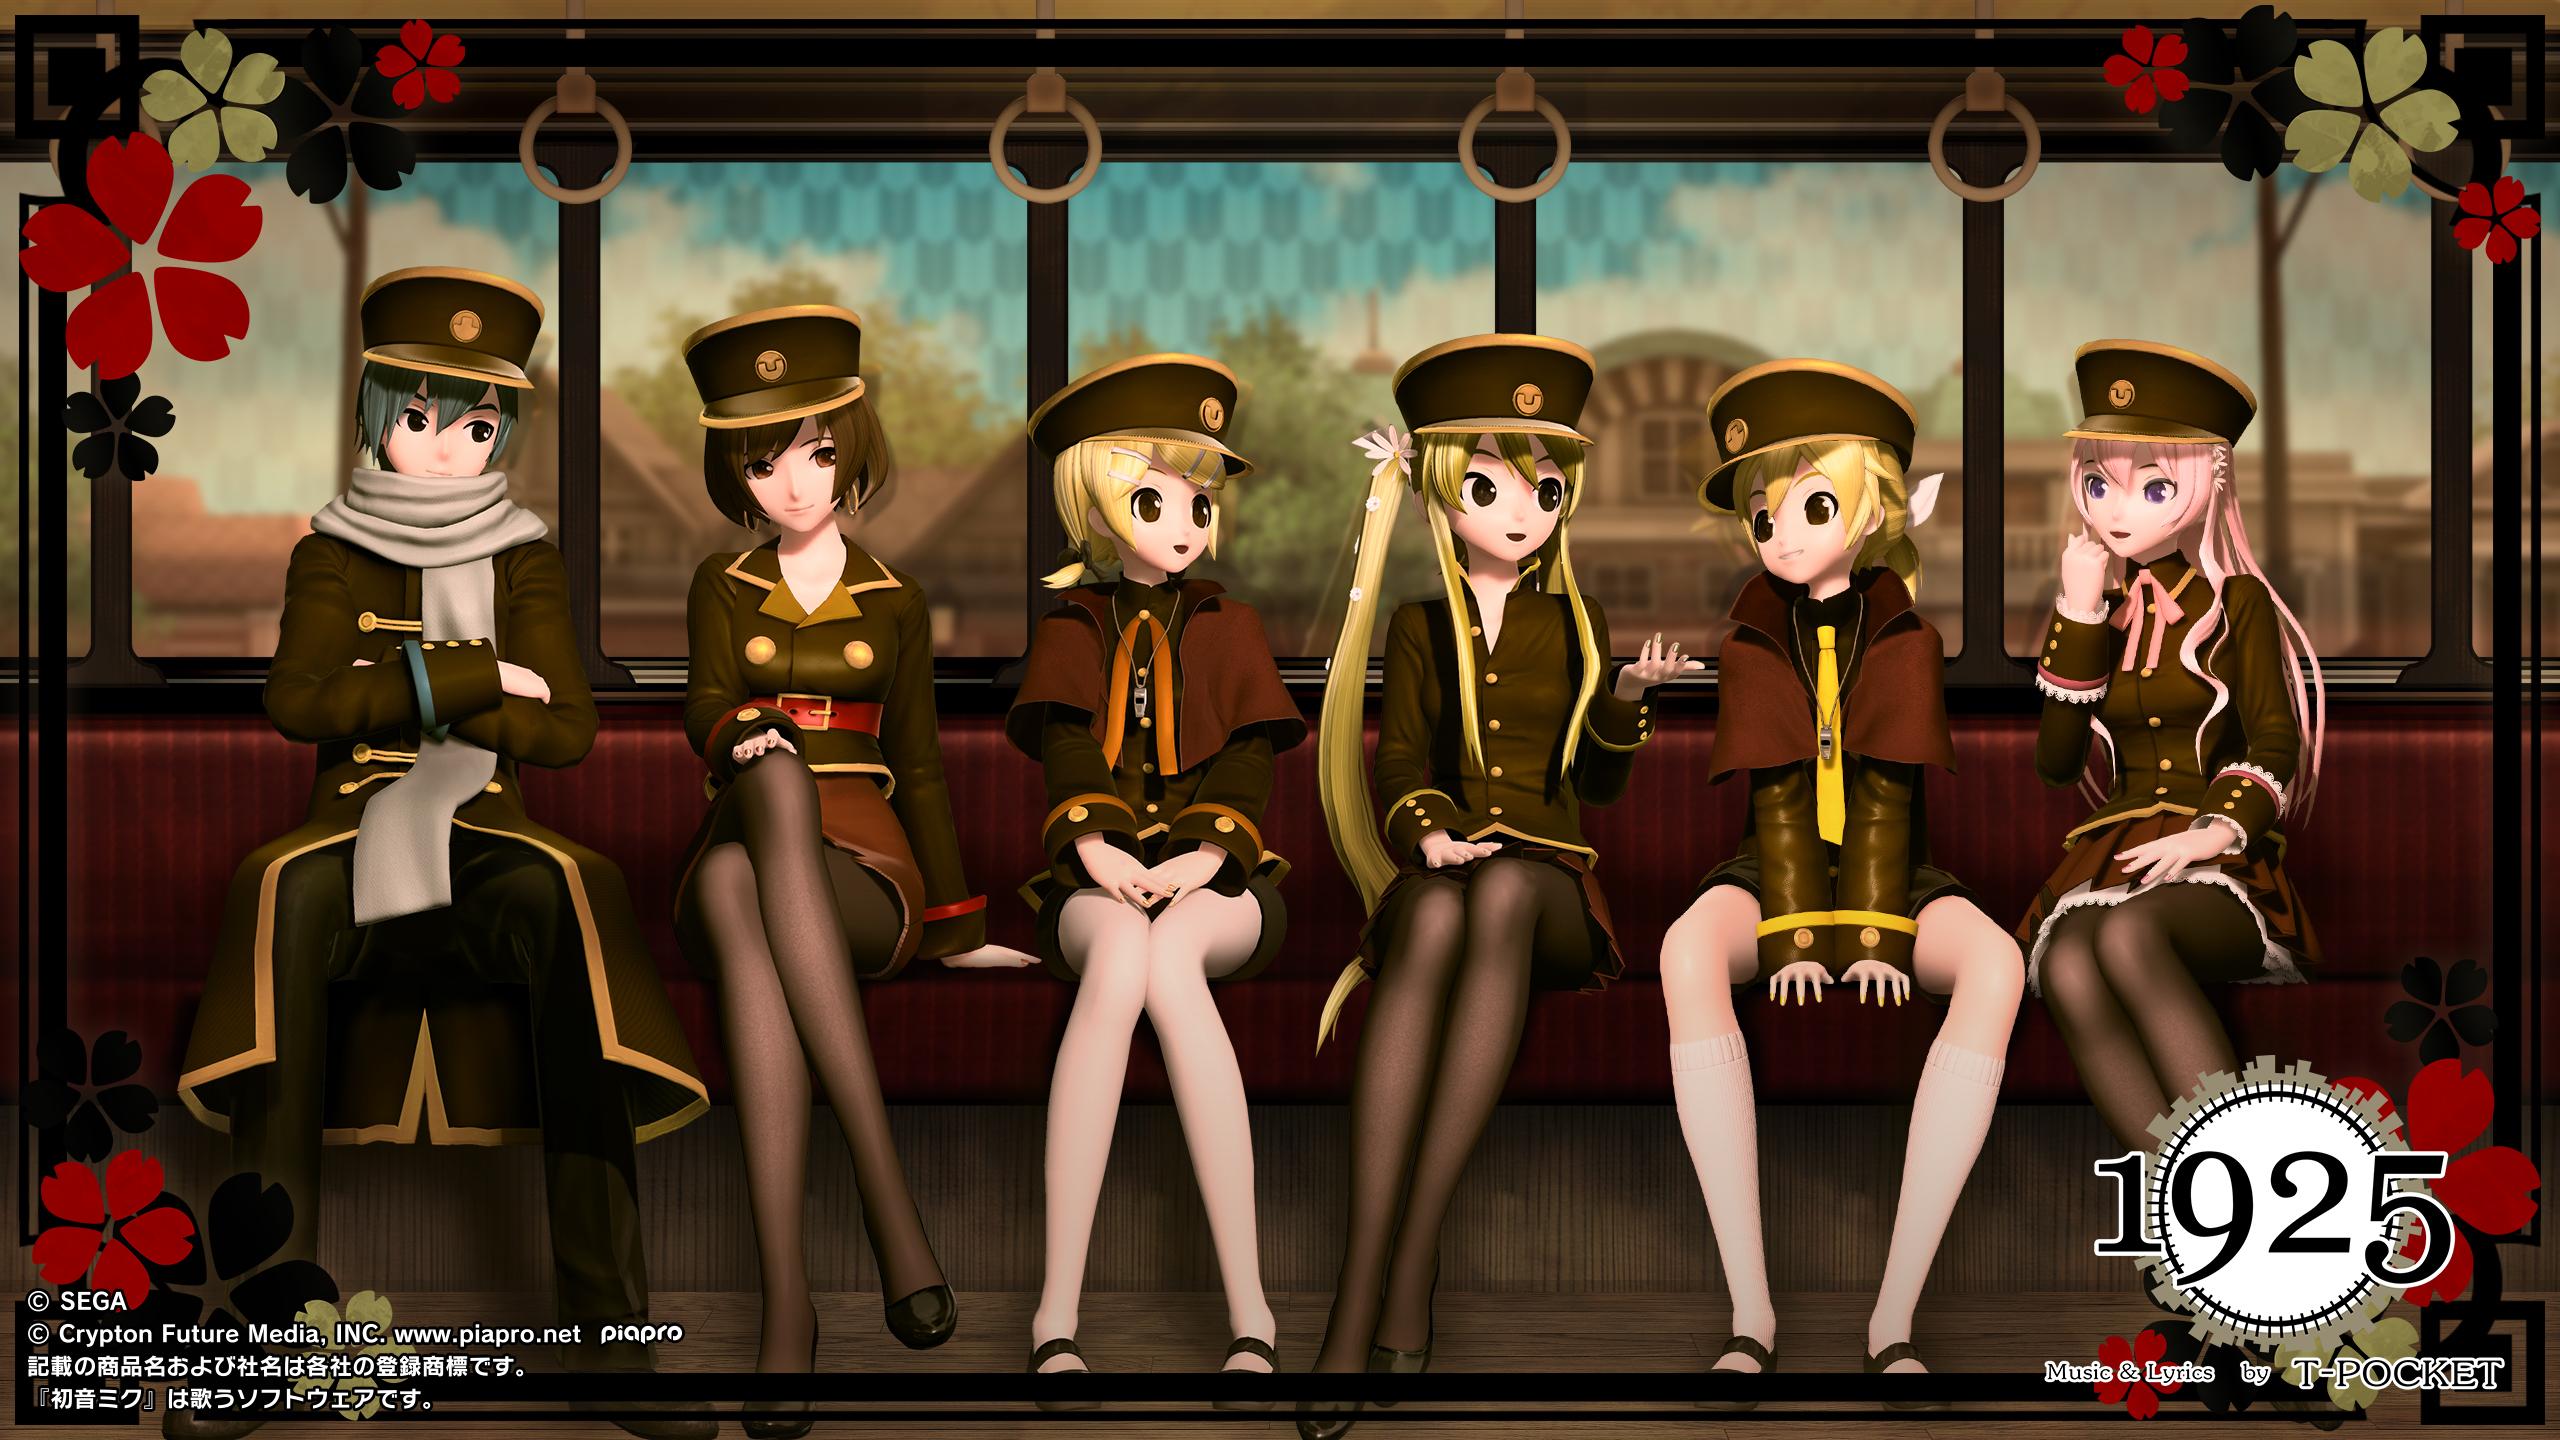 Hatsune miku project diva arcade future tone 39 s december - Diva wallpaper ...